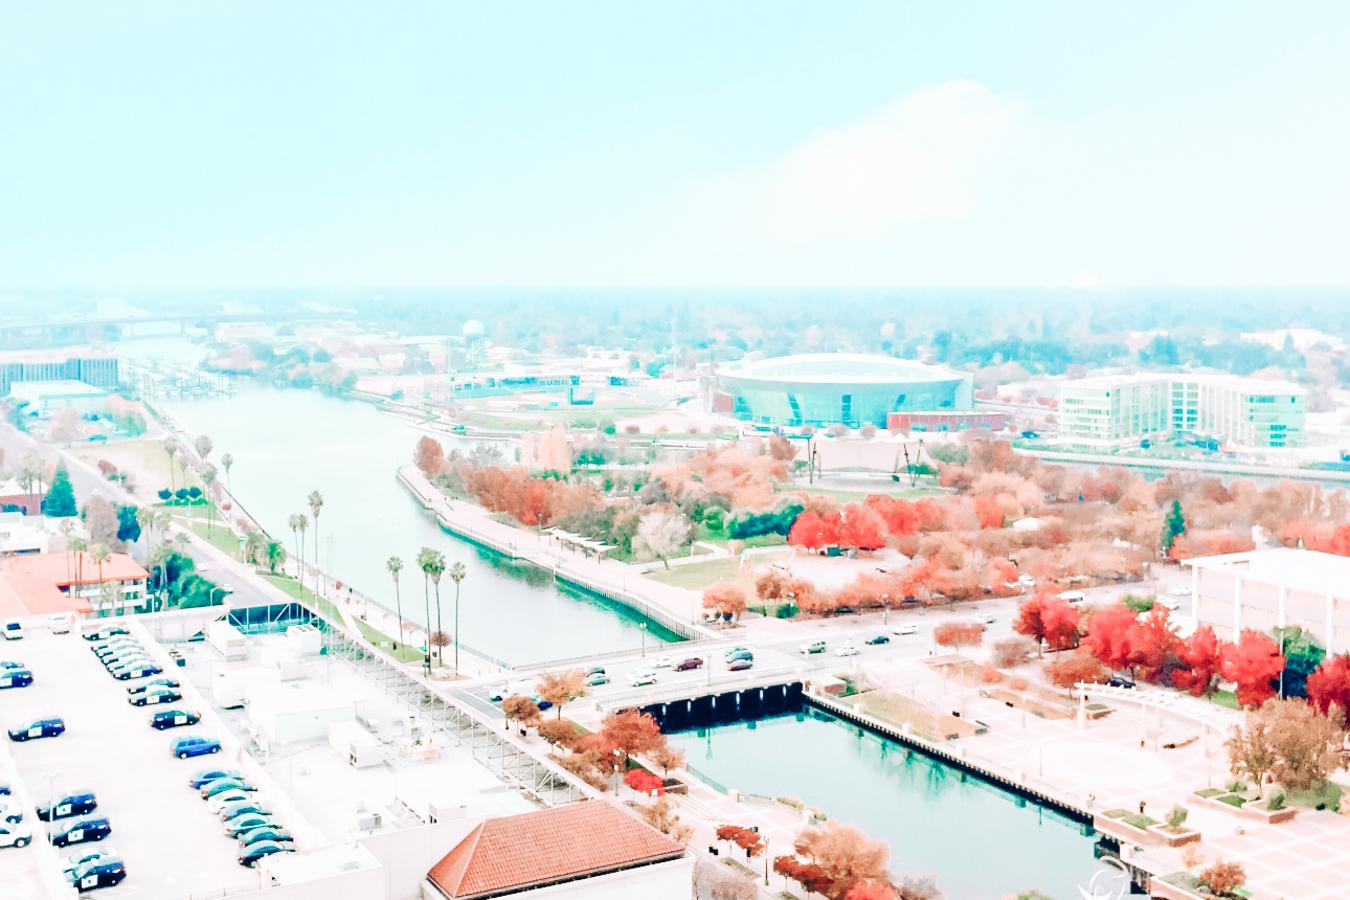 View of Stockton